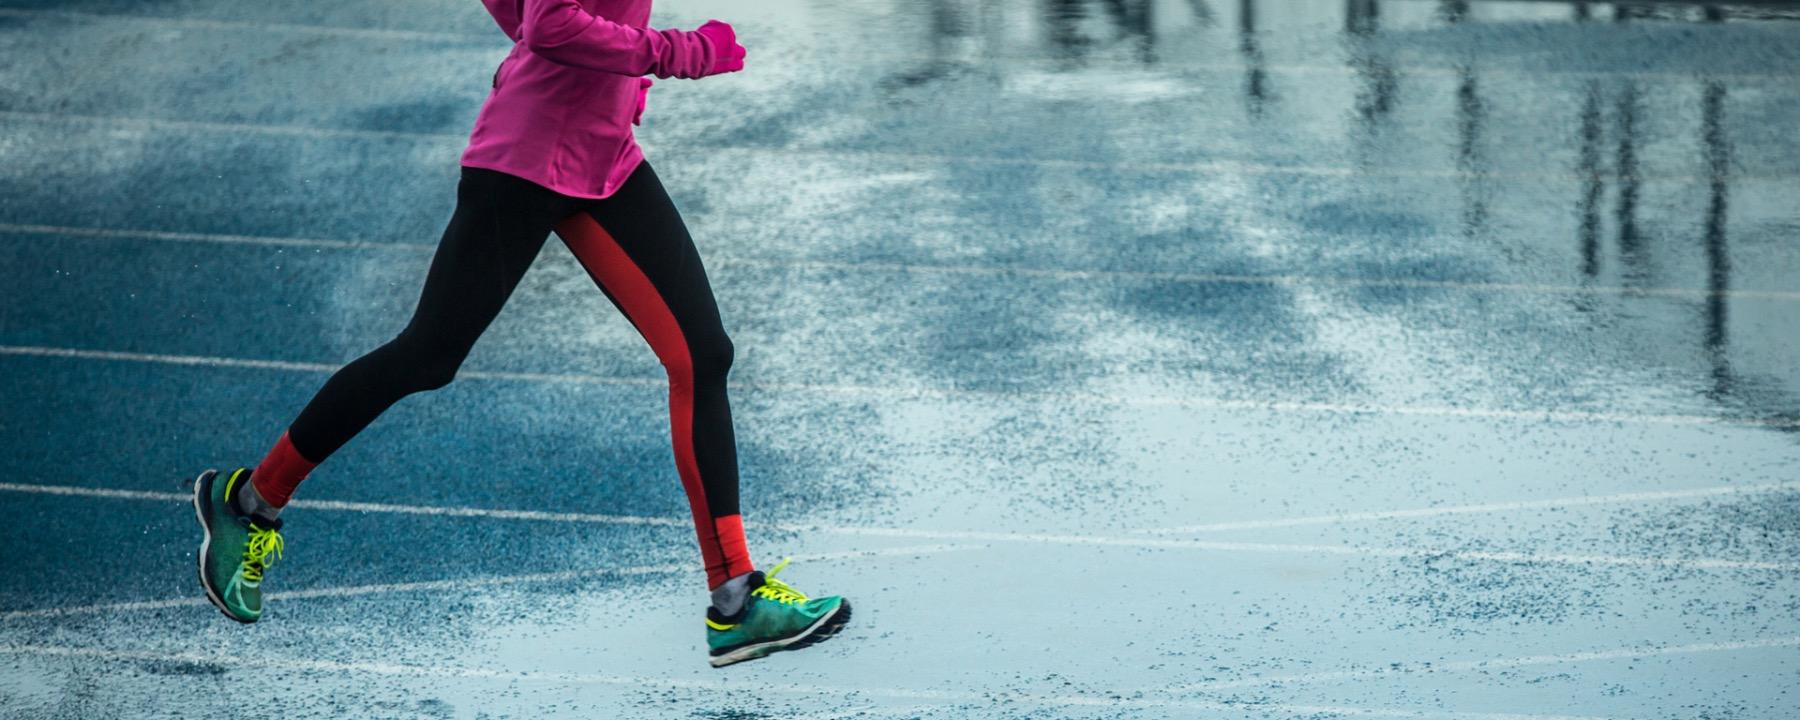 Running Shoe Cover For Rain